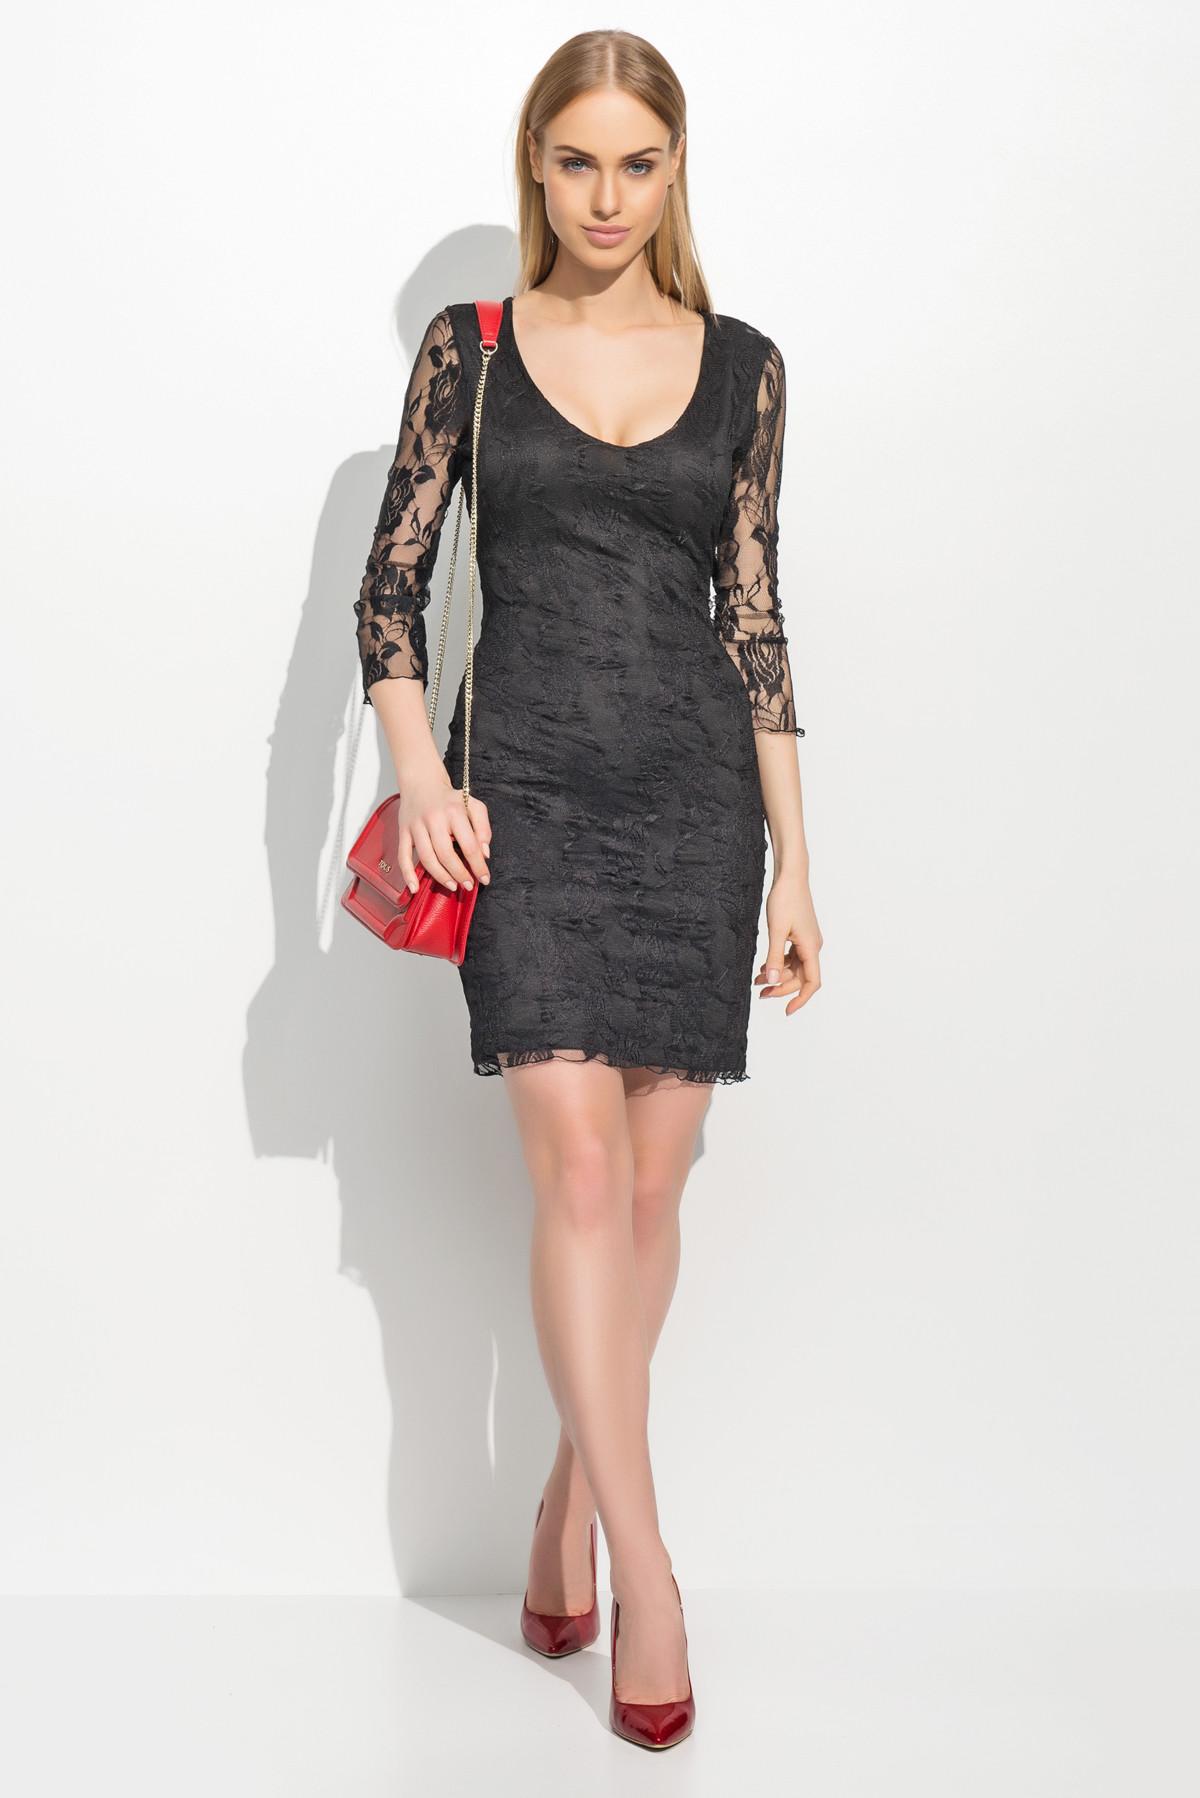 Dámské společenské šaty krajkové s 3/4 rukávem krátké černé černá 36